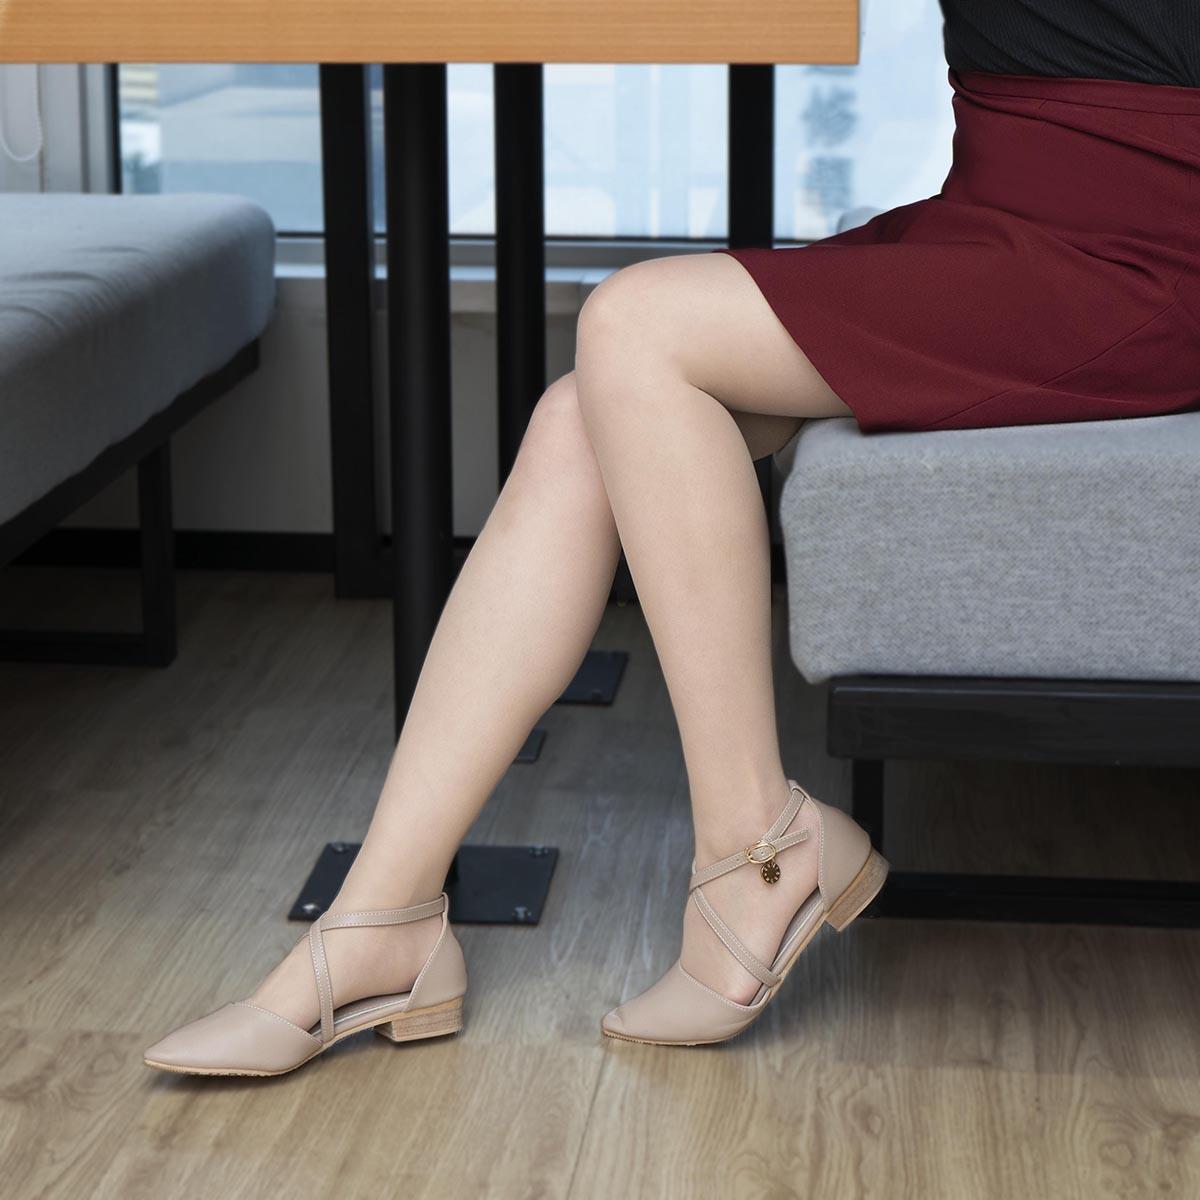 常言道,美麗是靠三分天生、七分後天努力!夏天要著短褲迷你裙show靚腳,何不從最貼身的衣物開始,塑造緊緻雙腿兼預防靜脈曲張?